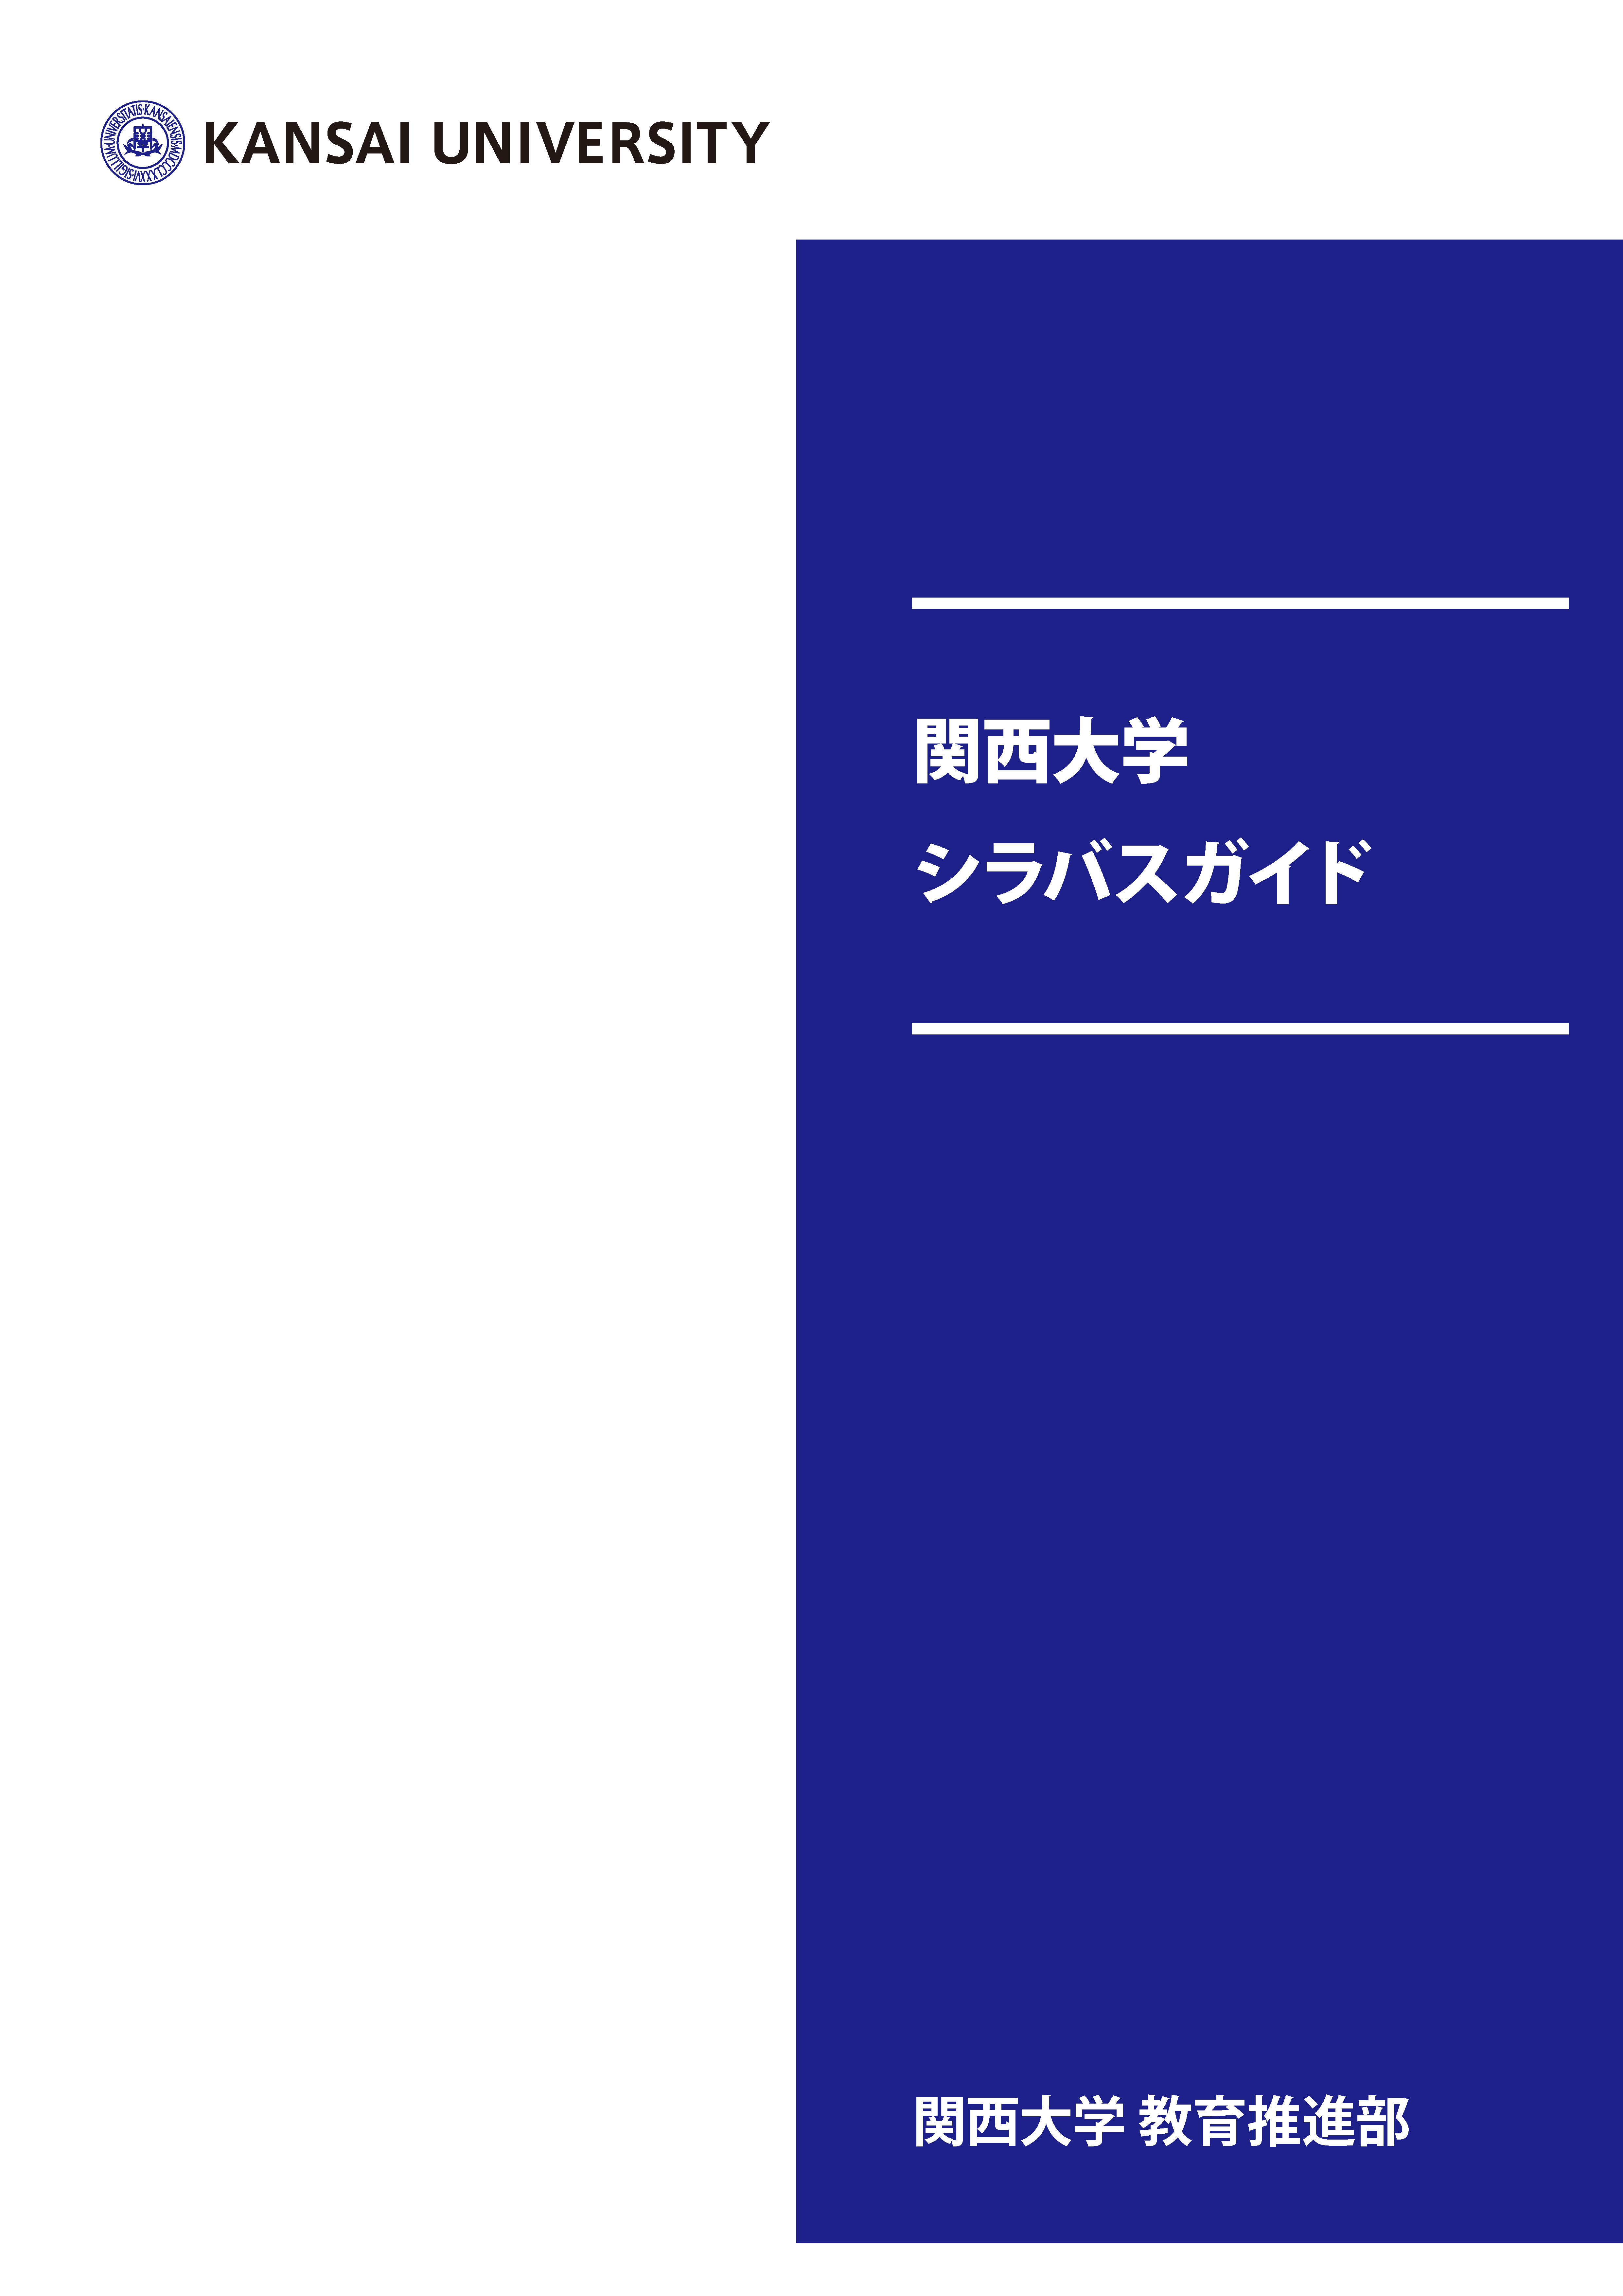 学院 大学 シラバス 関西 【学部】2020年度 履修・学習要覧